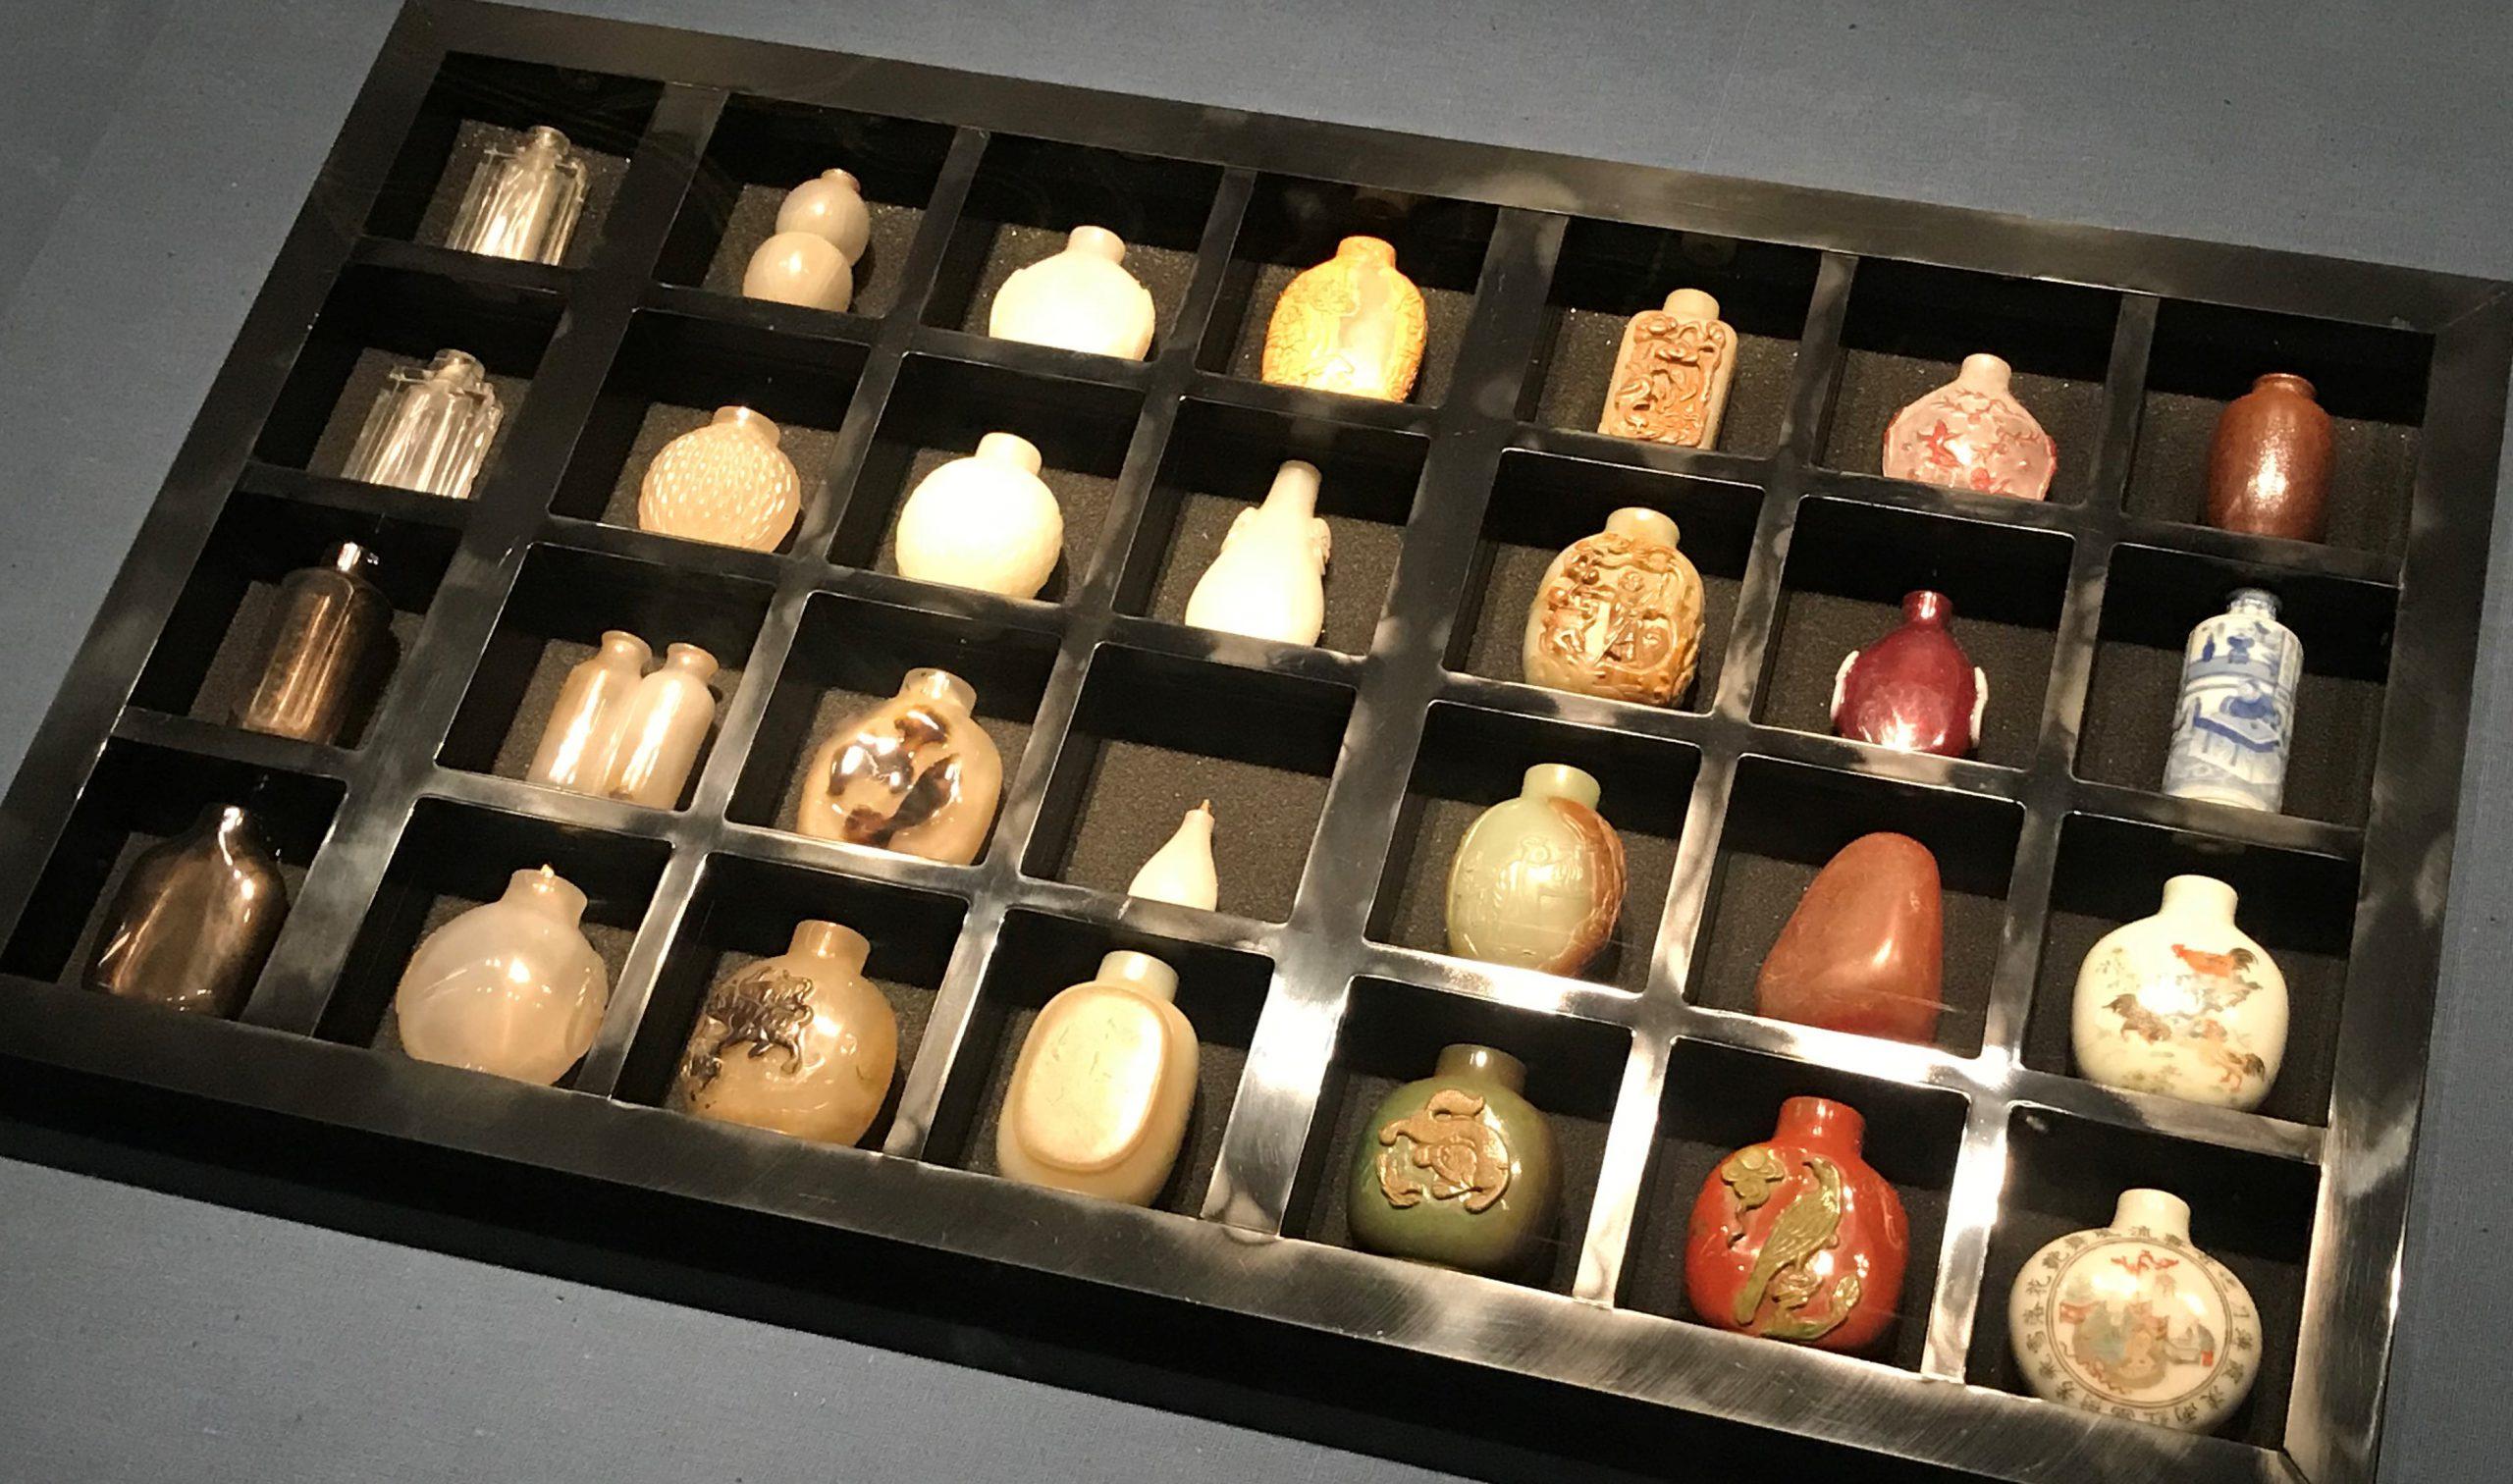 鼻煙壺-明清時代-常設展F3-成都博物館